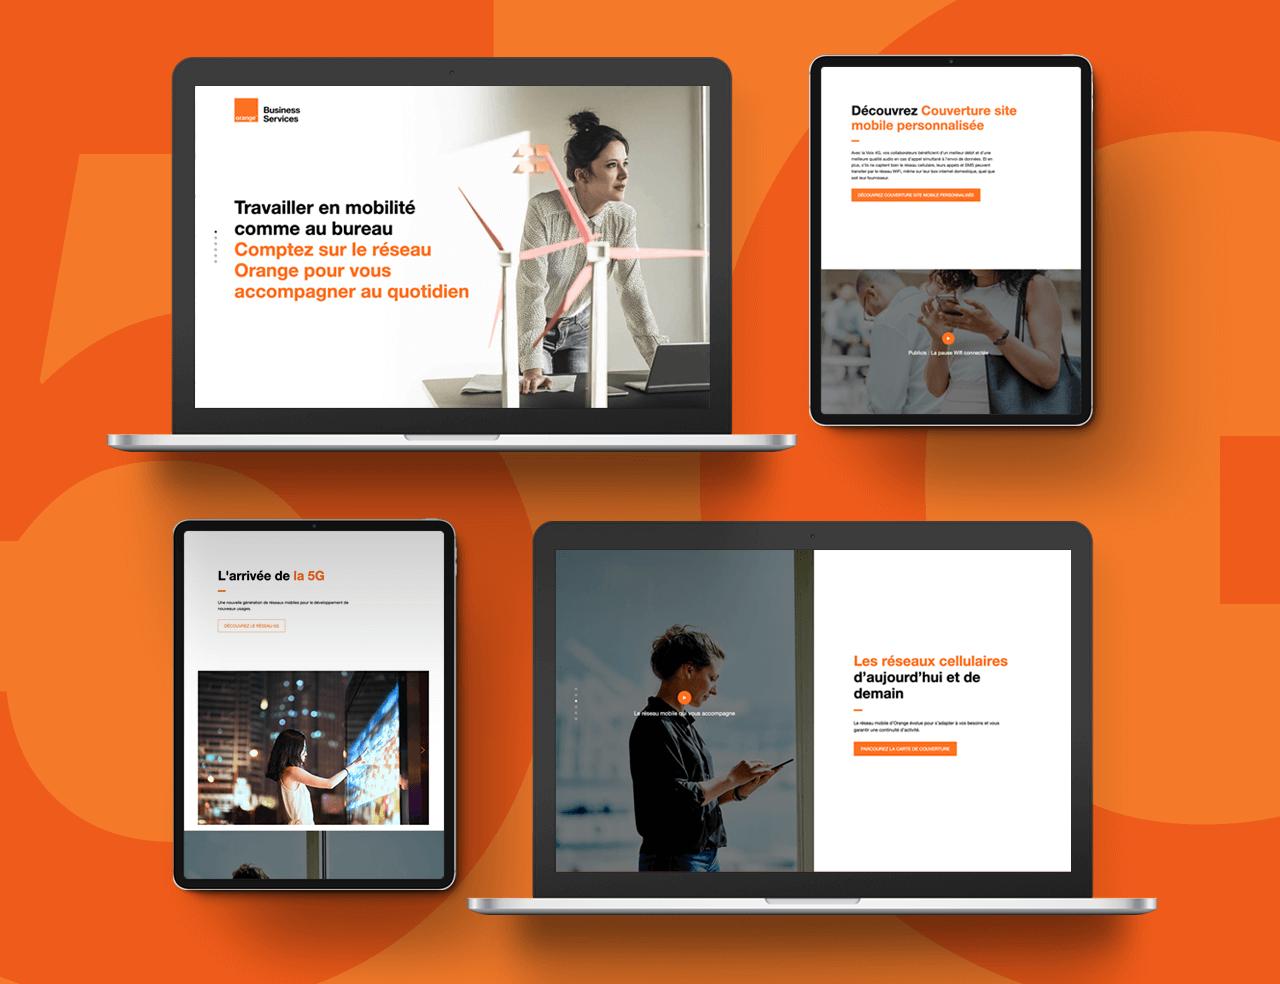 Plusieurs appareils (ordinateurs portables et tablettes) diffusent le site d'Orange Business Service